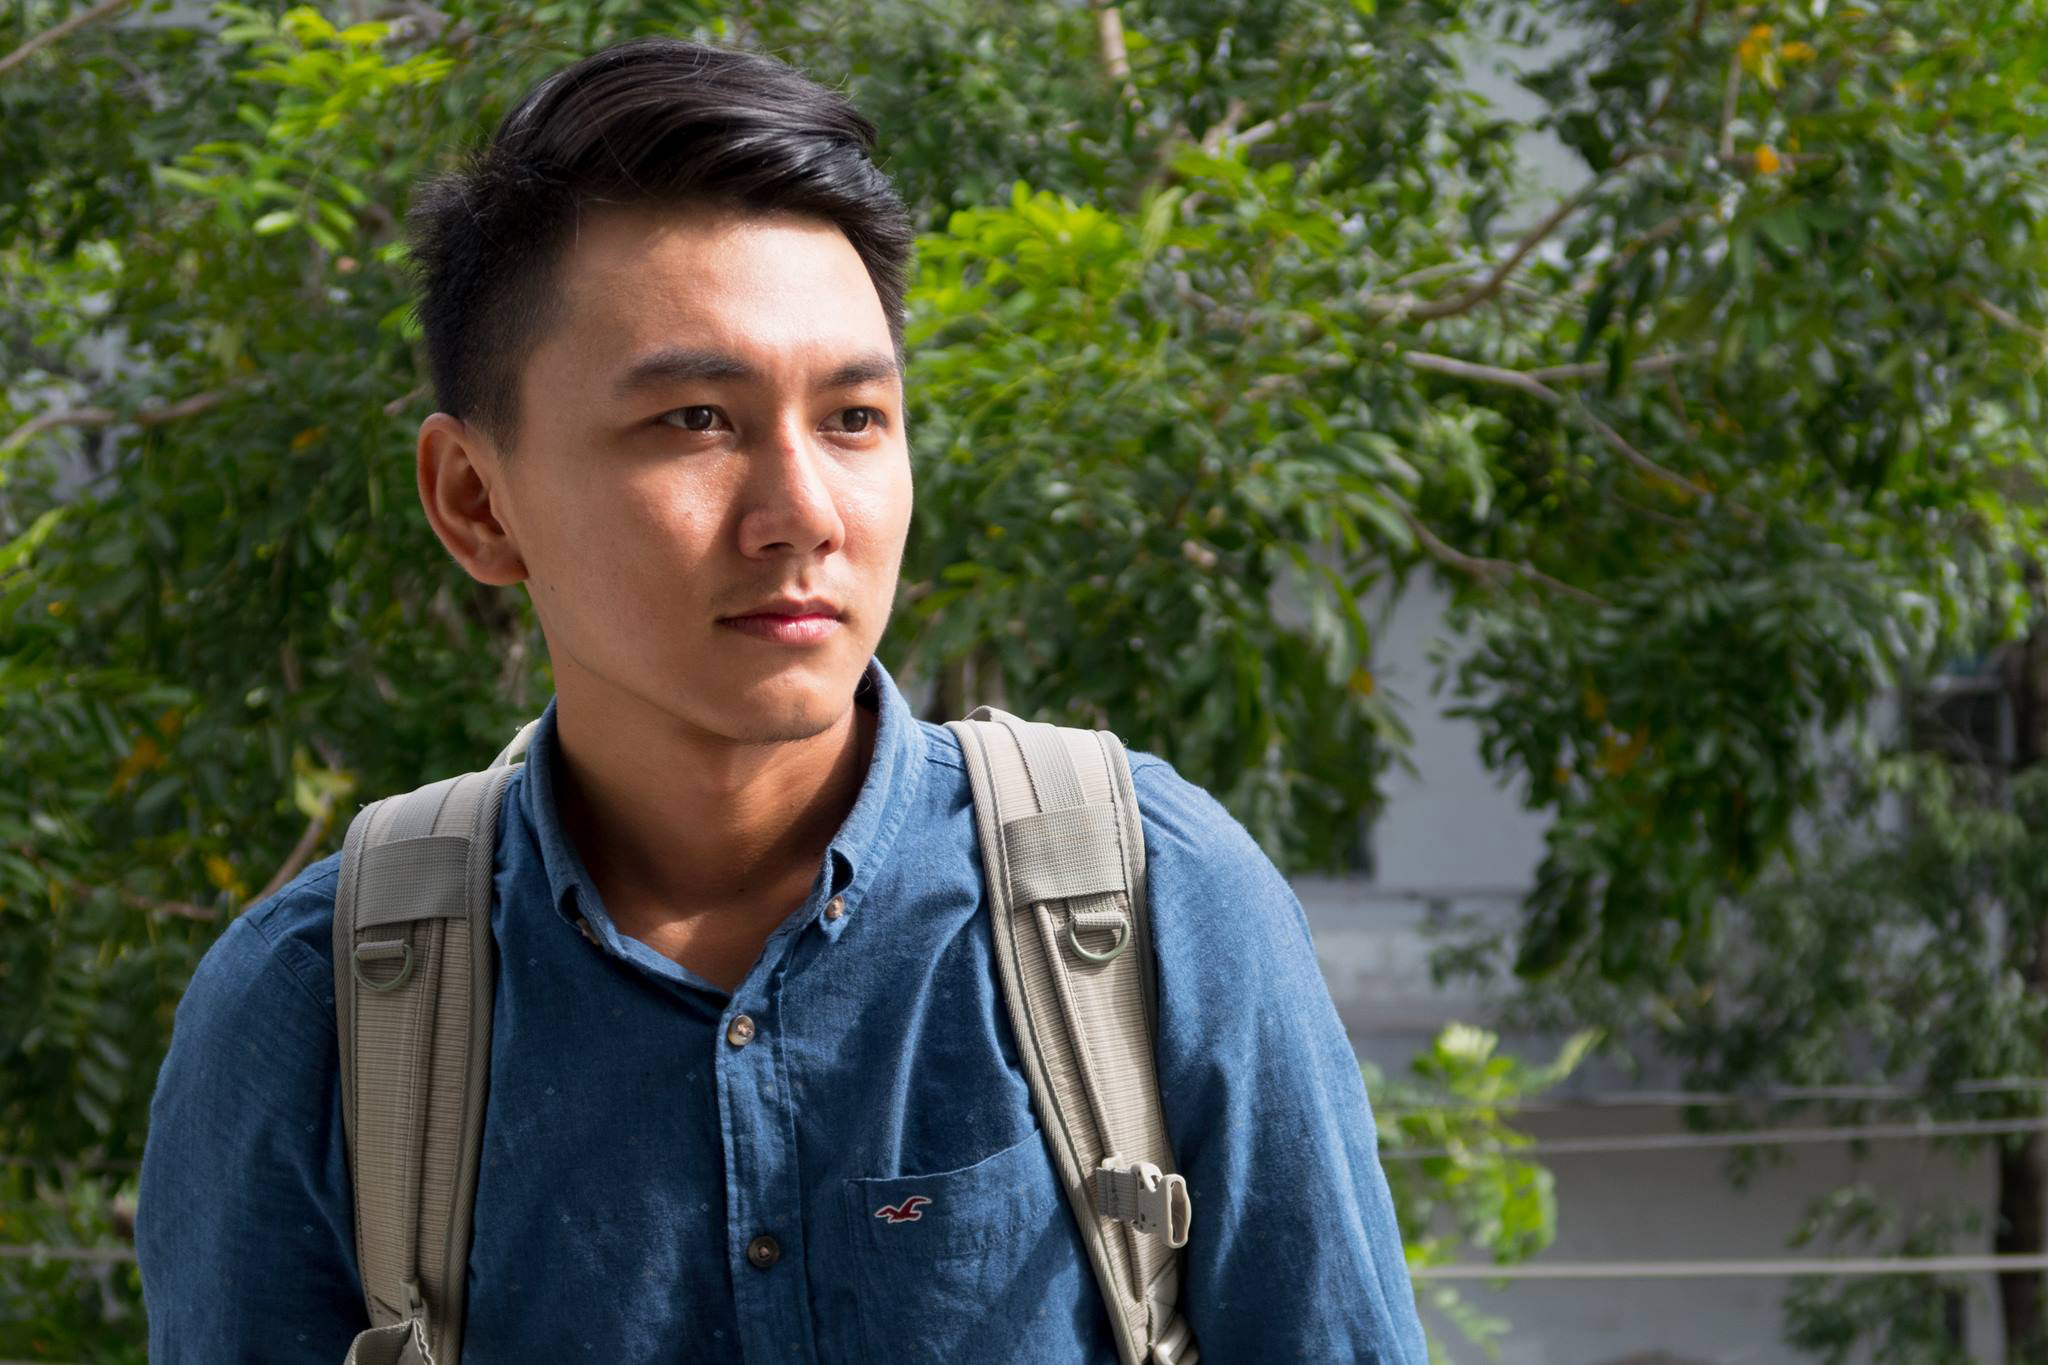 Bị cho 'cà khịa' hot Travel blogger nổi tiếng, Khoai Lang Thang bức xúc lên tiếng đáp trả 2